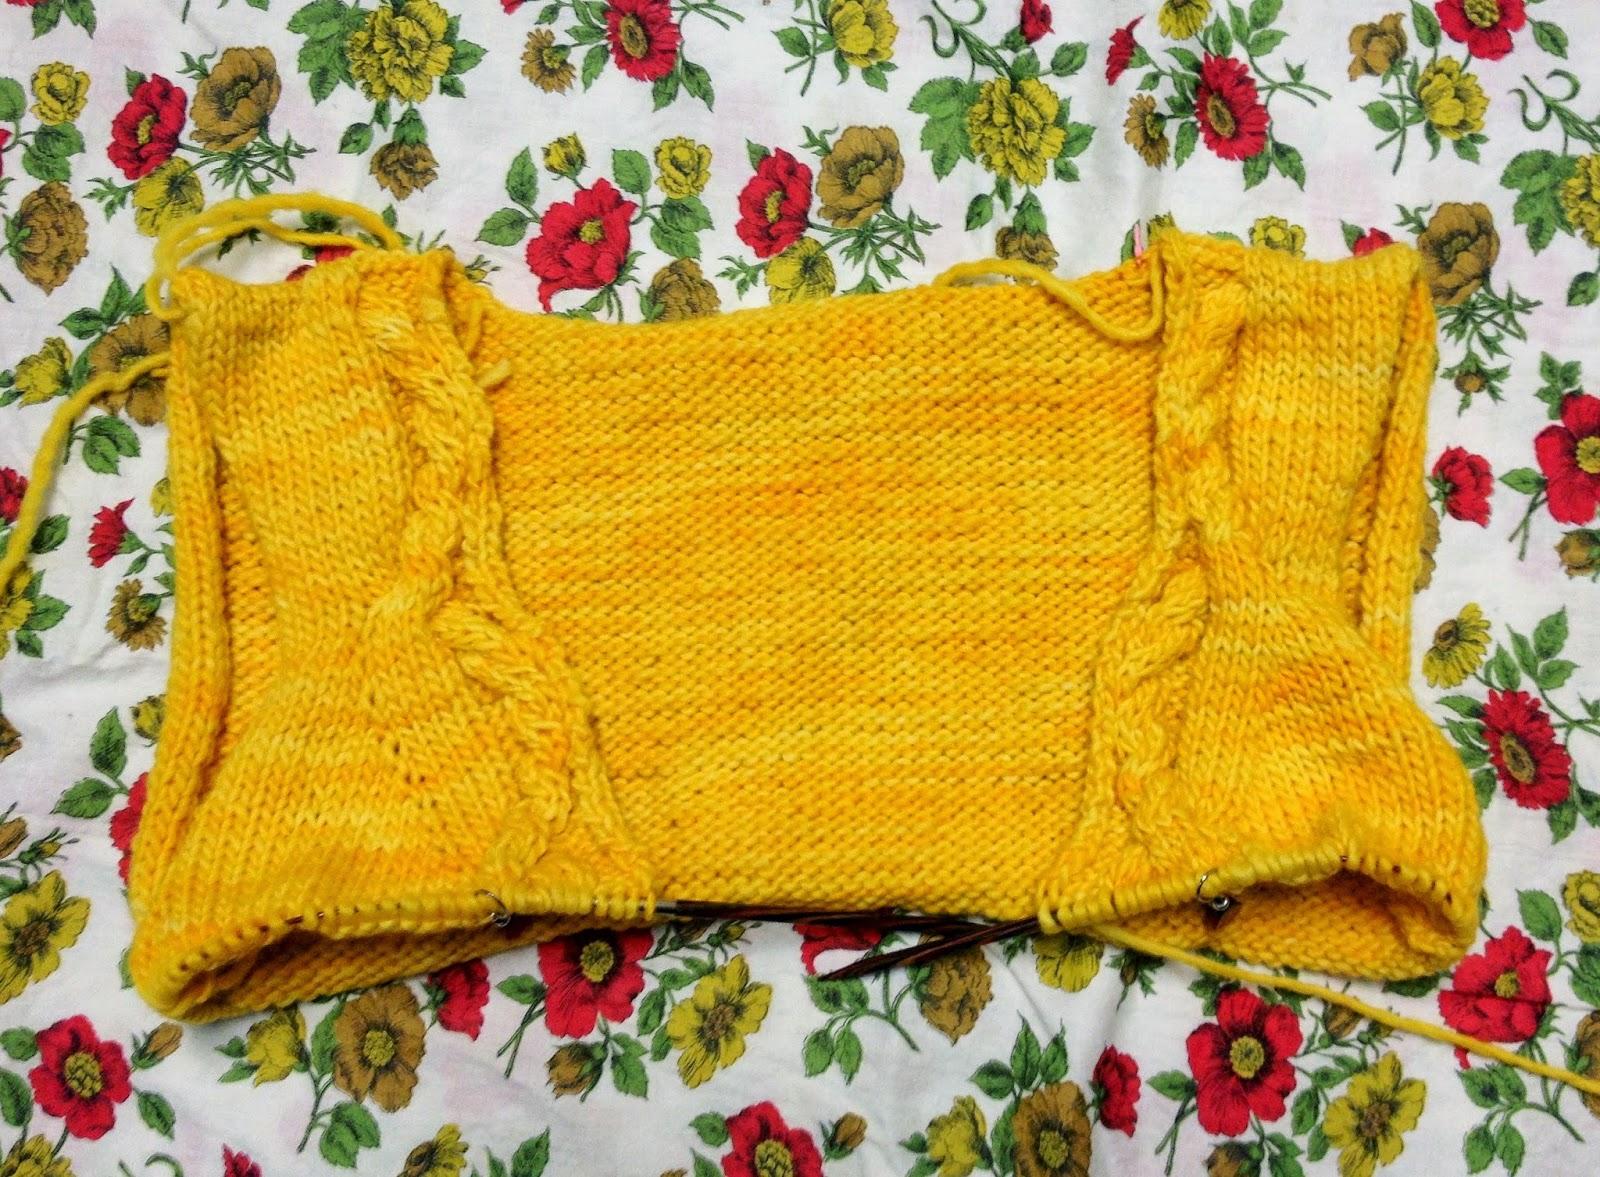 Vintage knitting Marion Cardigan